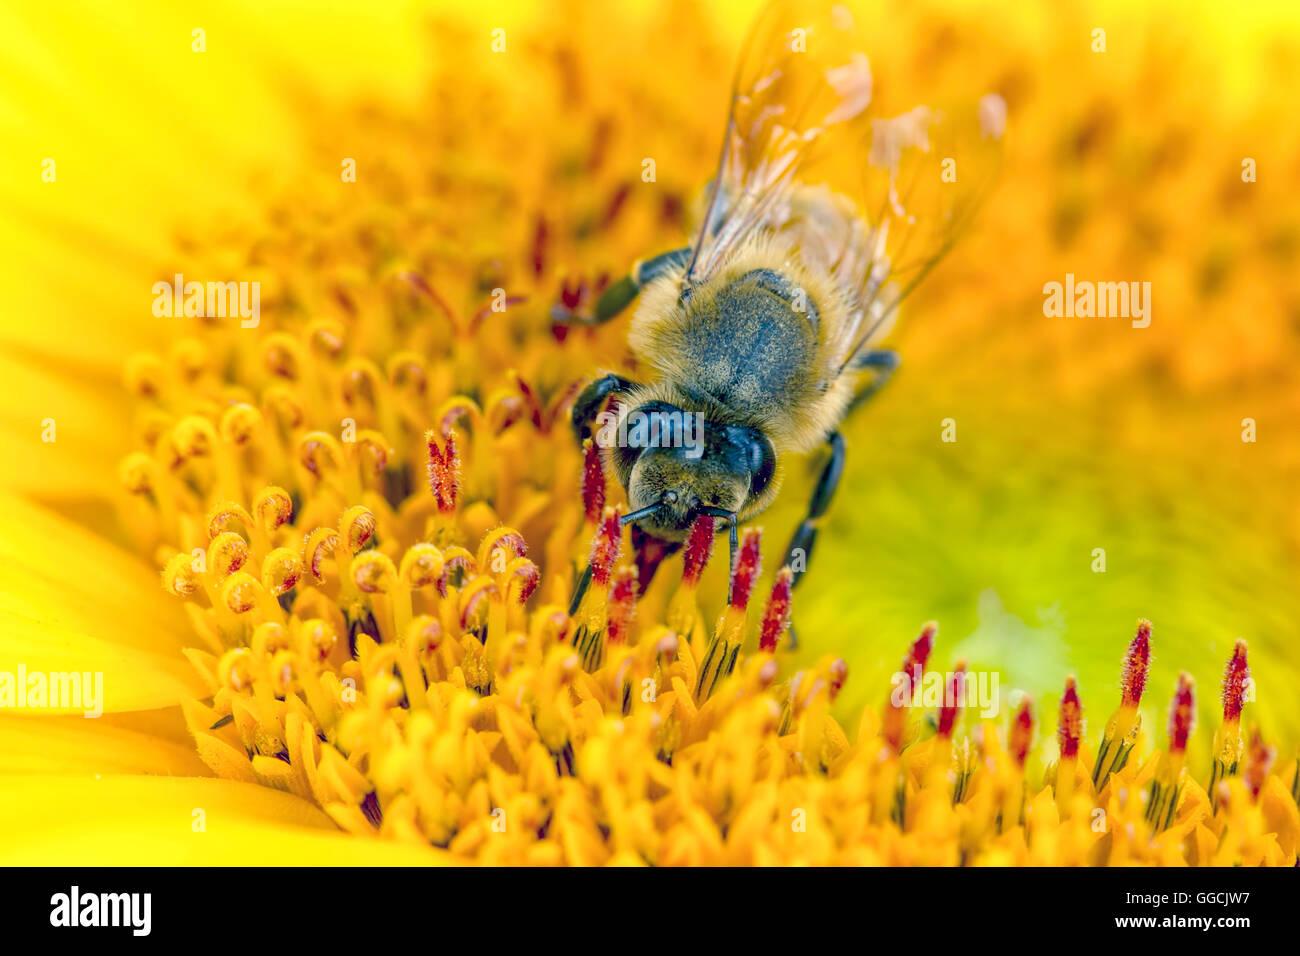 Makroaufnahme einer Biene auf Blüte. Stockbild